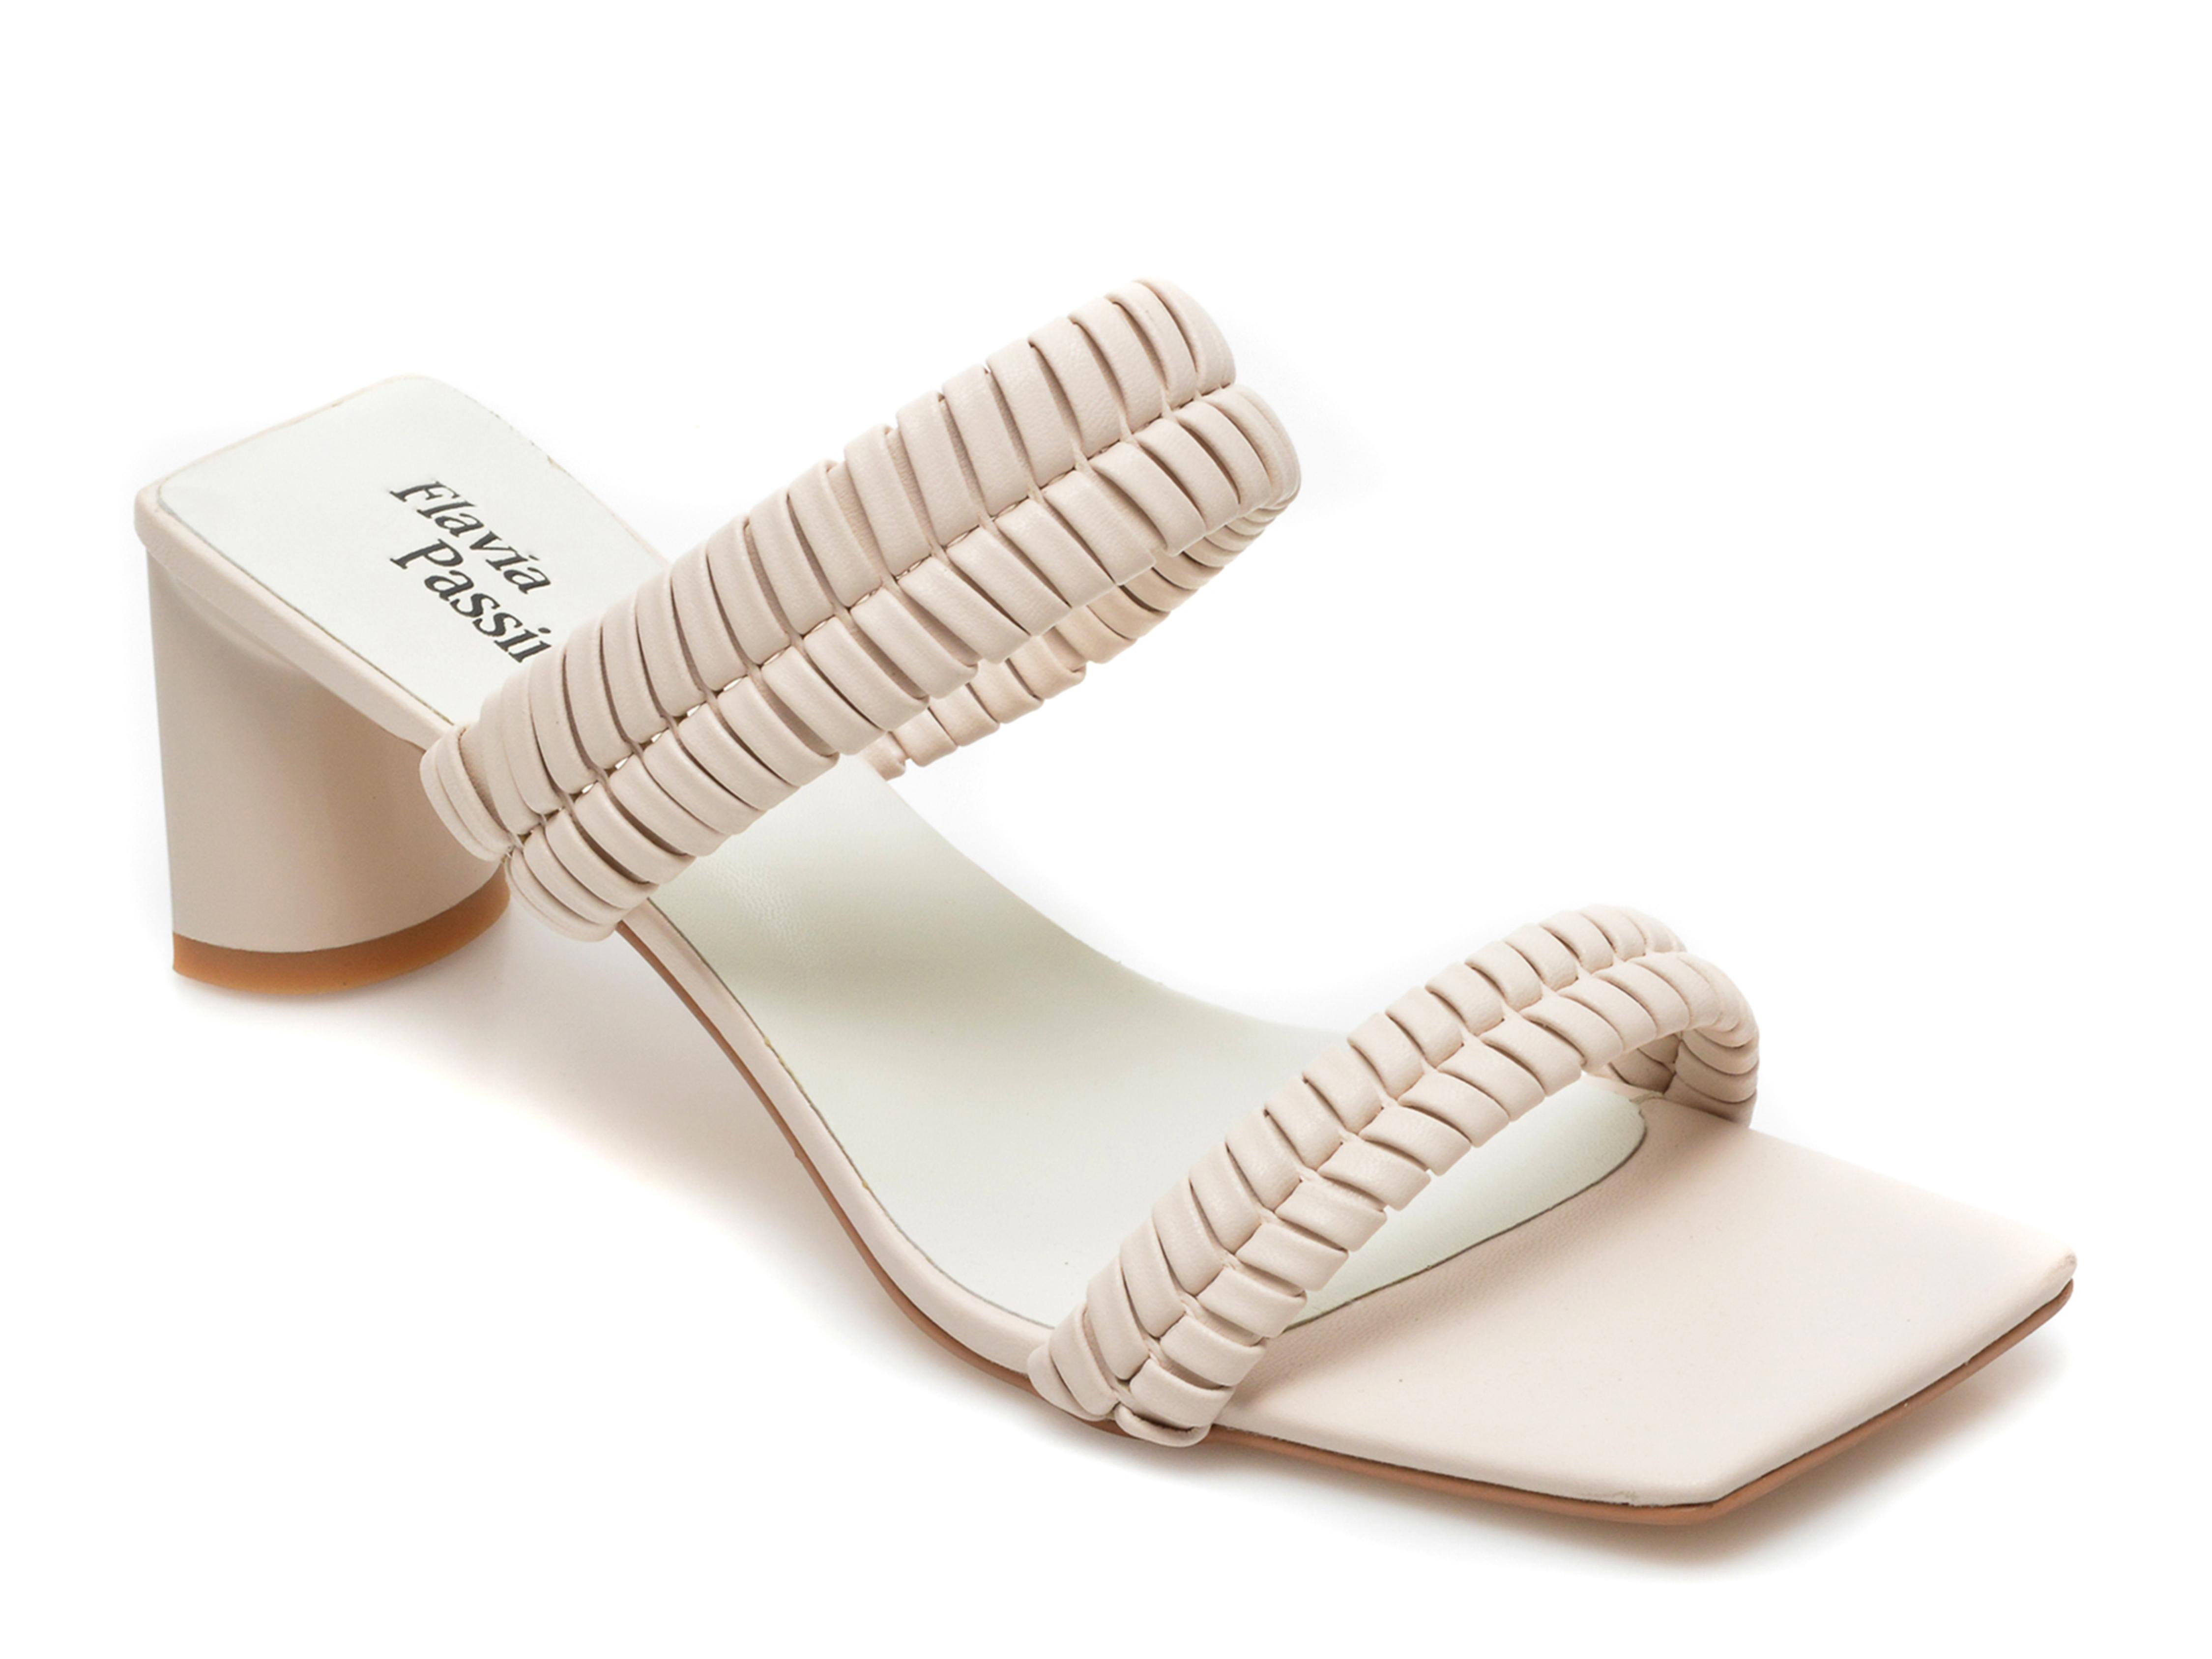 Papuci FLAVIA PASSINI bej, LD30RT3, din piele ecologica